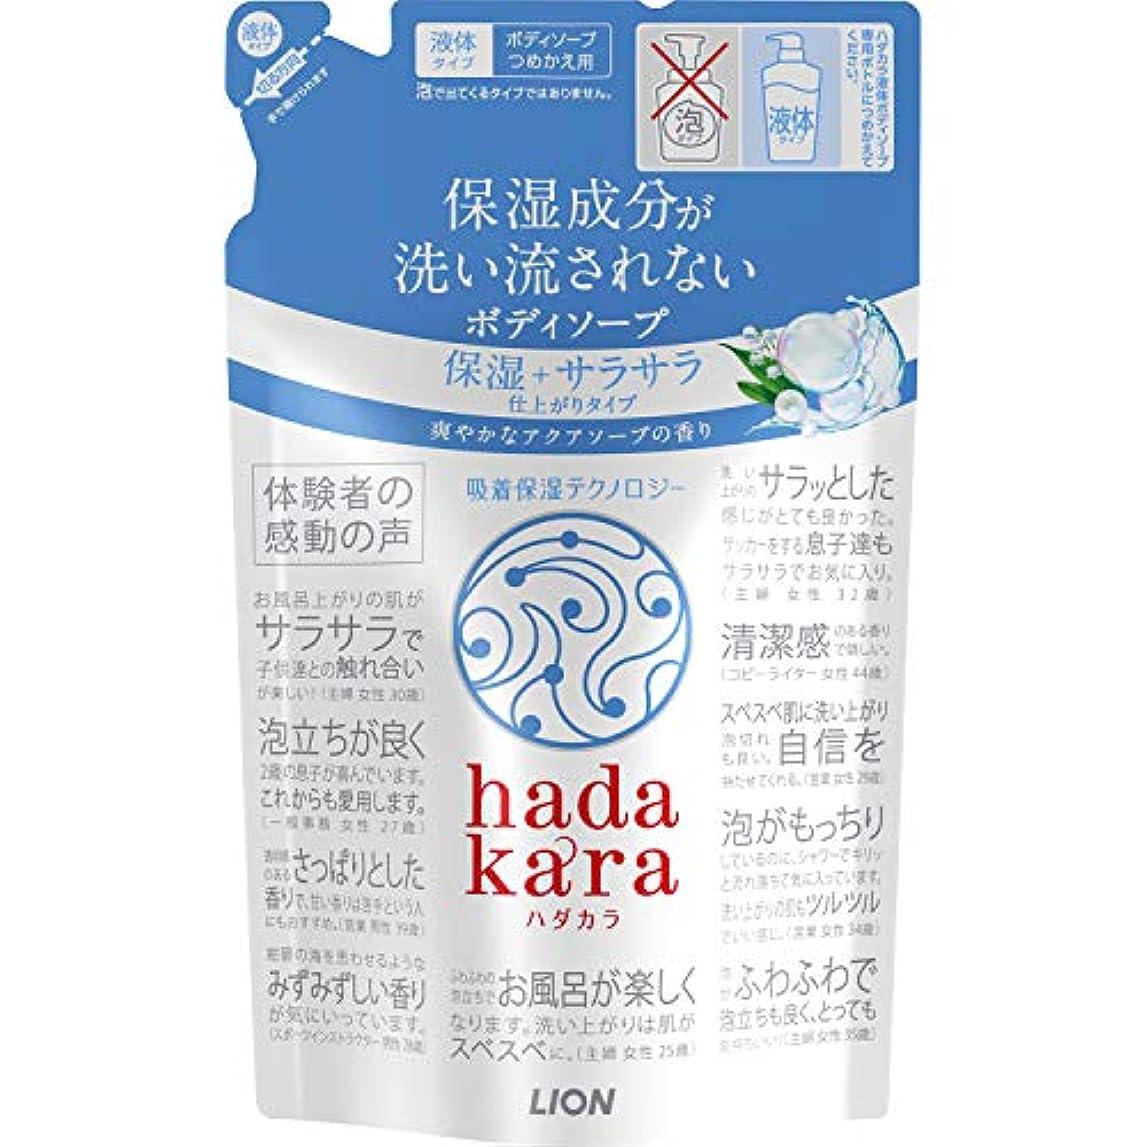 ペネロペ細胞征服者hadakara(ハダカラ) ボディソープ 保湿+サラサラ仕上がりタイプ アクアソープの香り 詰め替え 340ml